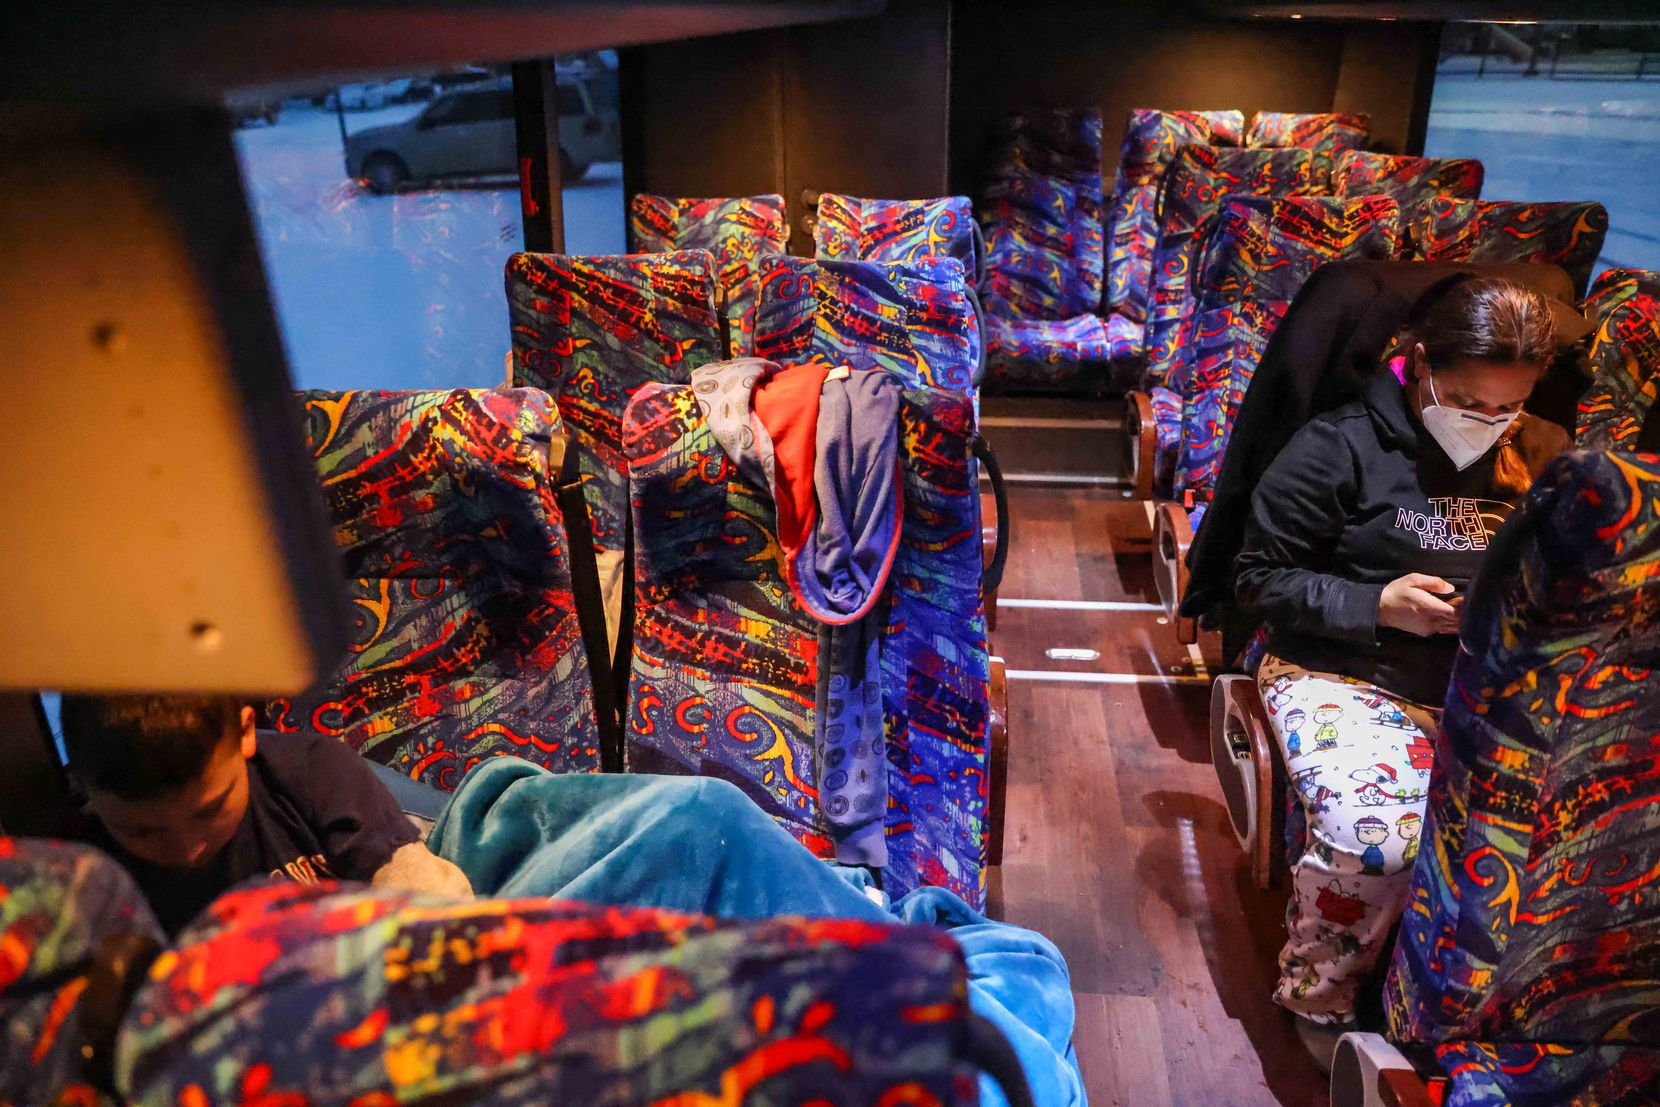 Marleny Almendarez, de 38 años, revisa su teléfono mientras su hijo Aaron, de 11 años y quien se encuentra dentro espectro del autismo, trata de acomodarse al interior de un autobús con calefacción.